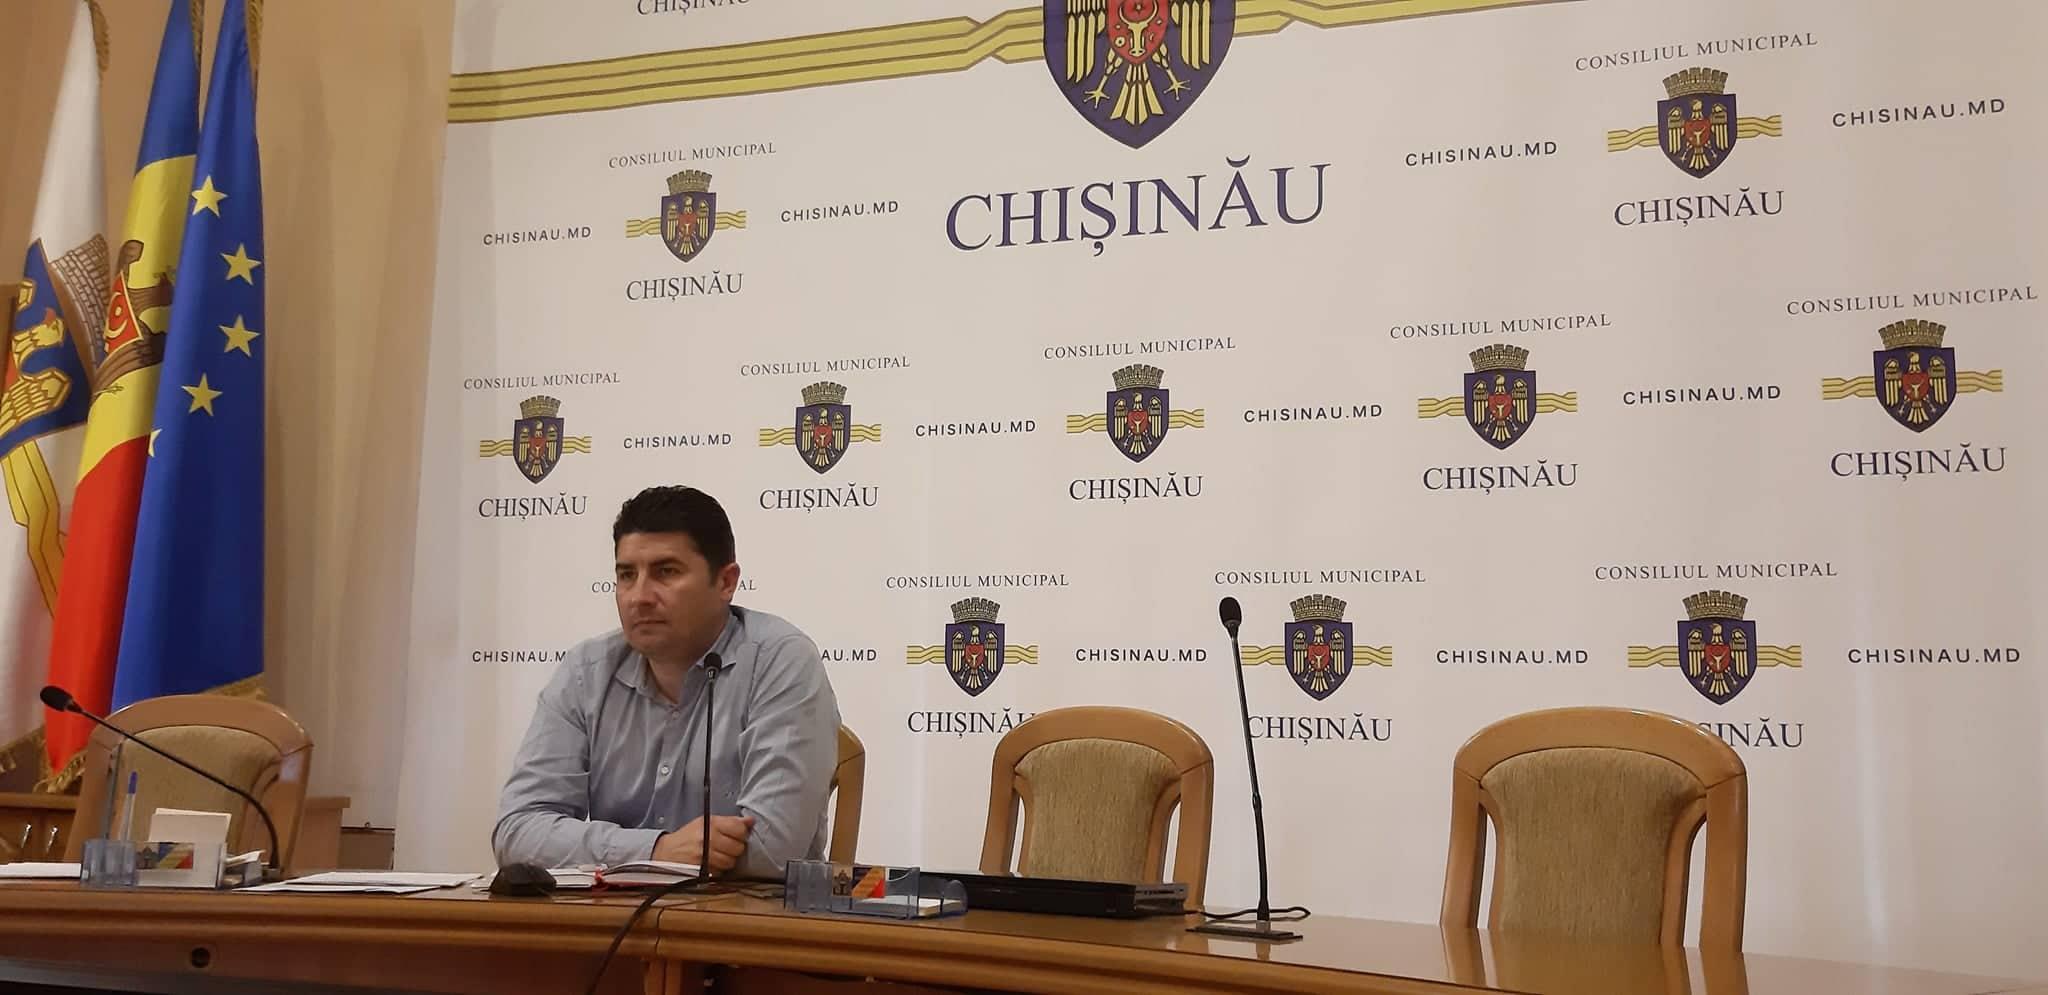 Социалисты предлагают создать в Кишиневе муниципальную службу по работе с малым бизнесом